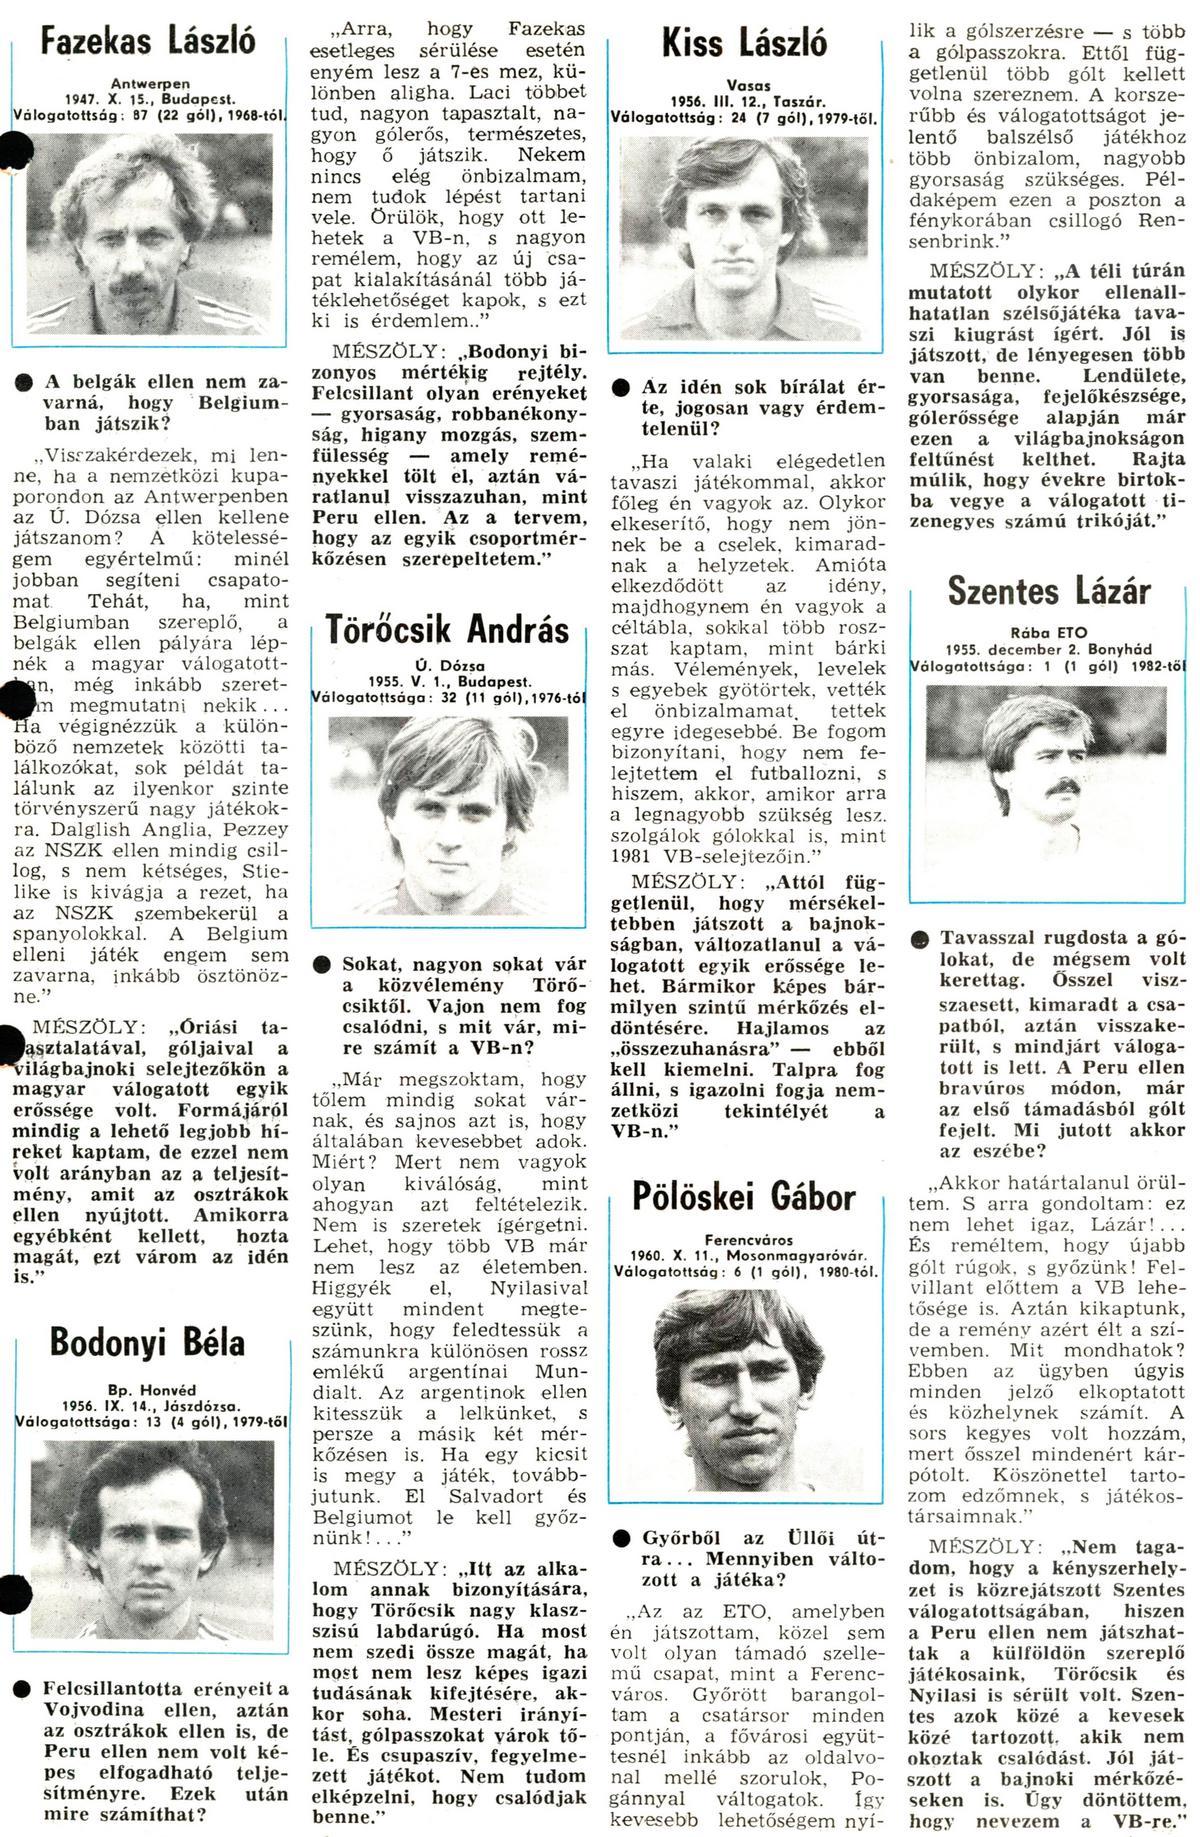 Labdarugas-1982-05-0007